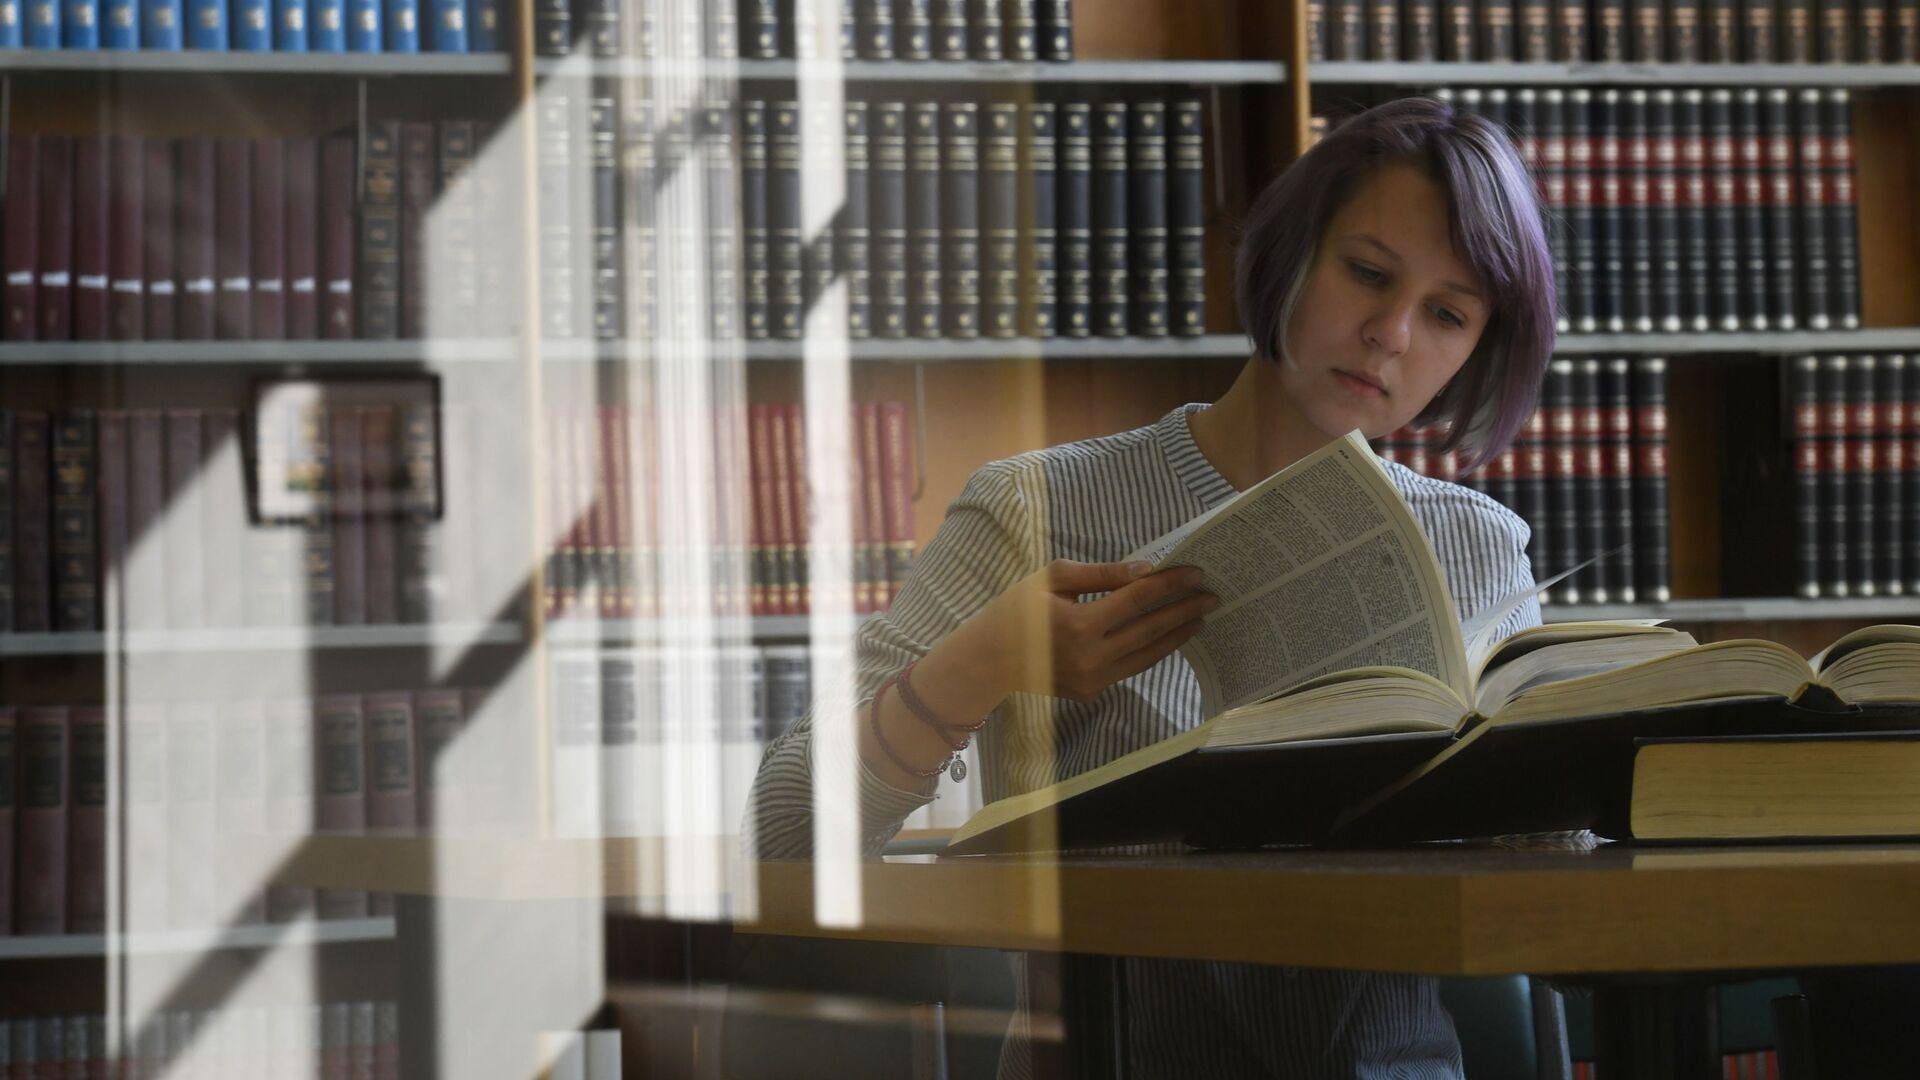 Девушка читает книгу в библиотеке - РИА Новости, 1920, 10.02.2021